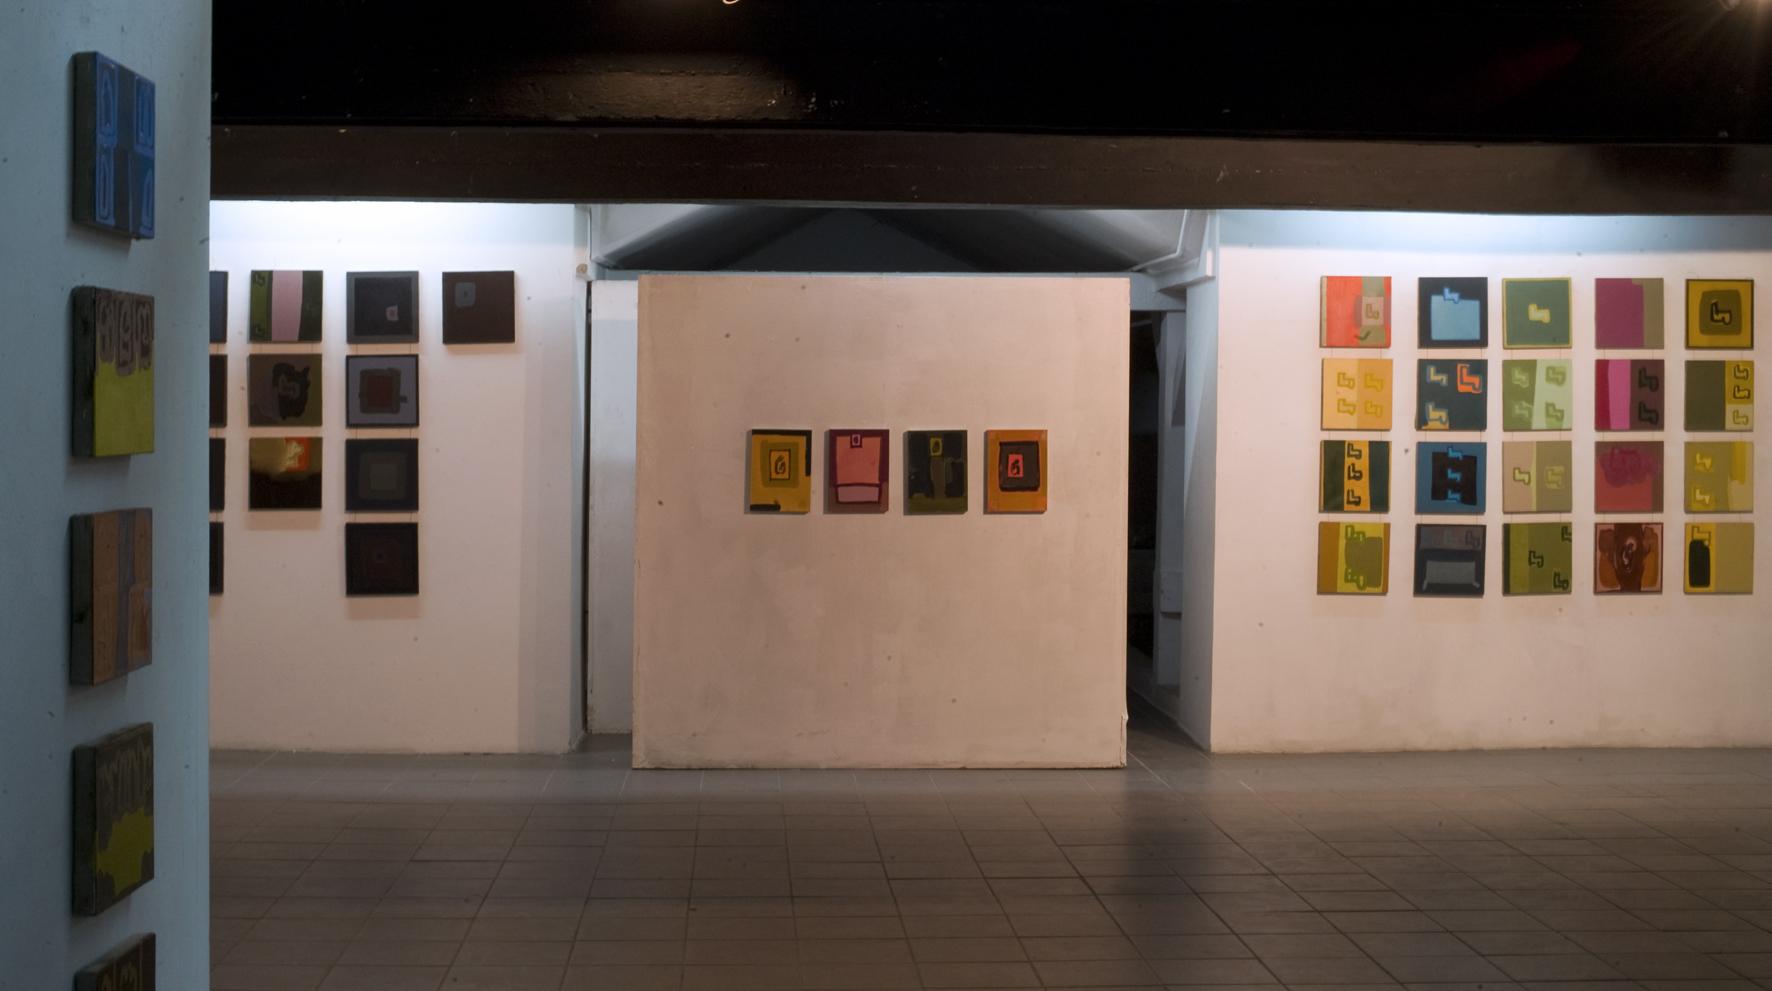 Wystawa indywidualna Uli Łojko Smogorzewskiej, X 2013. Fot: Justyna Jonak